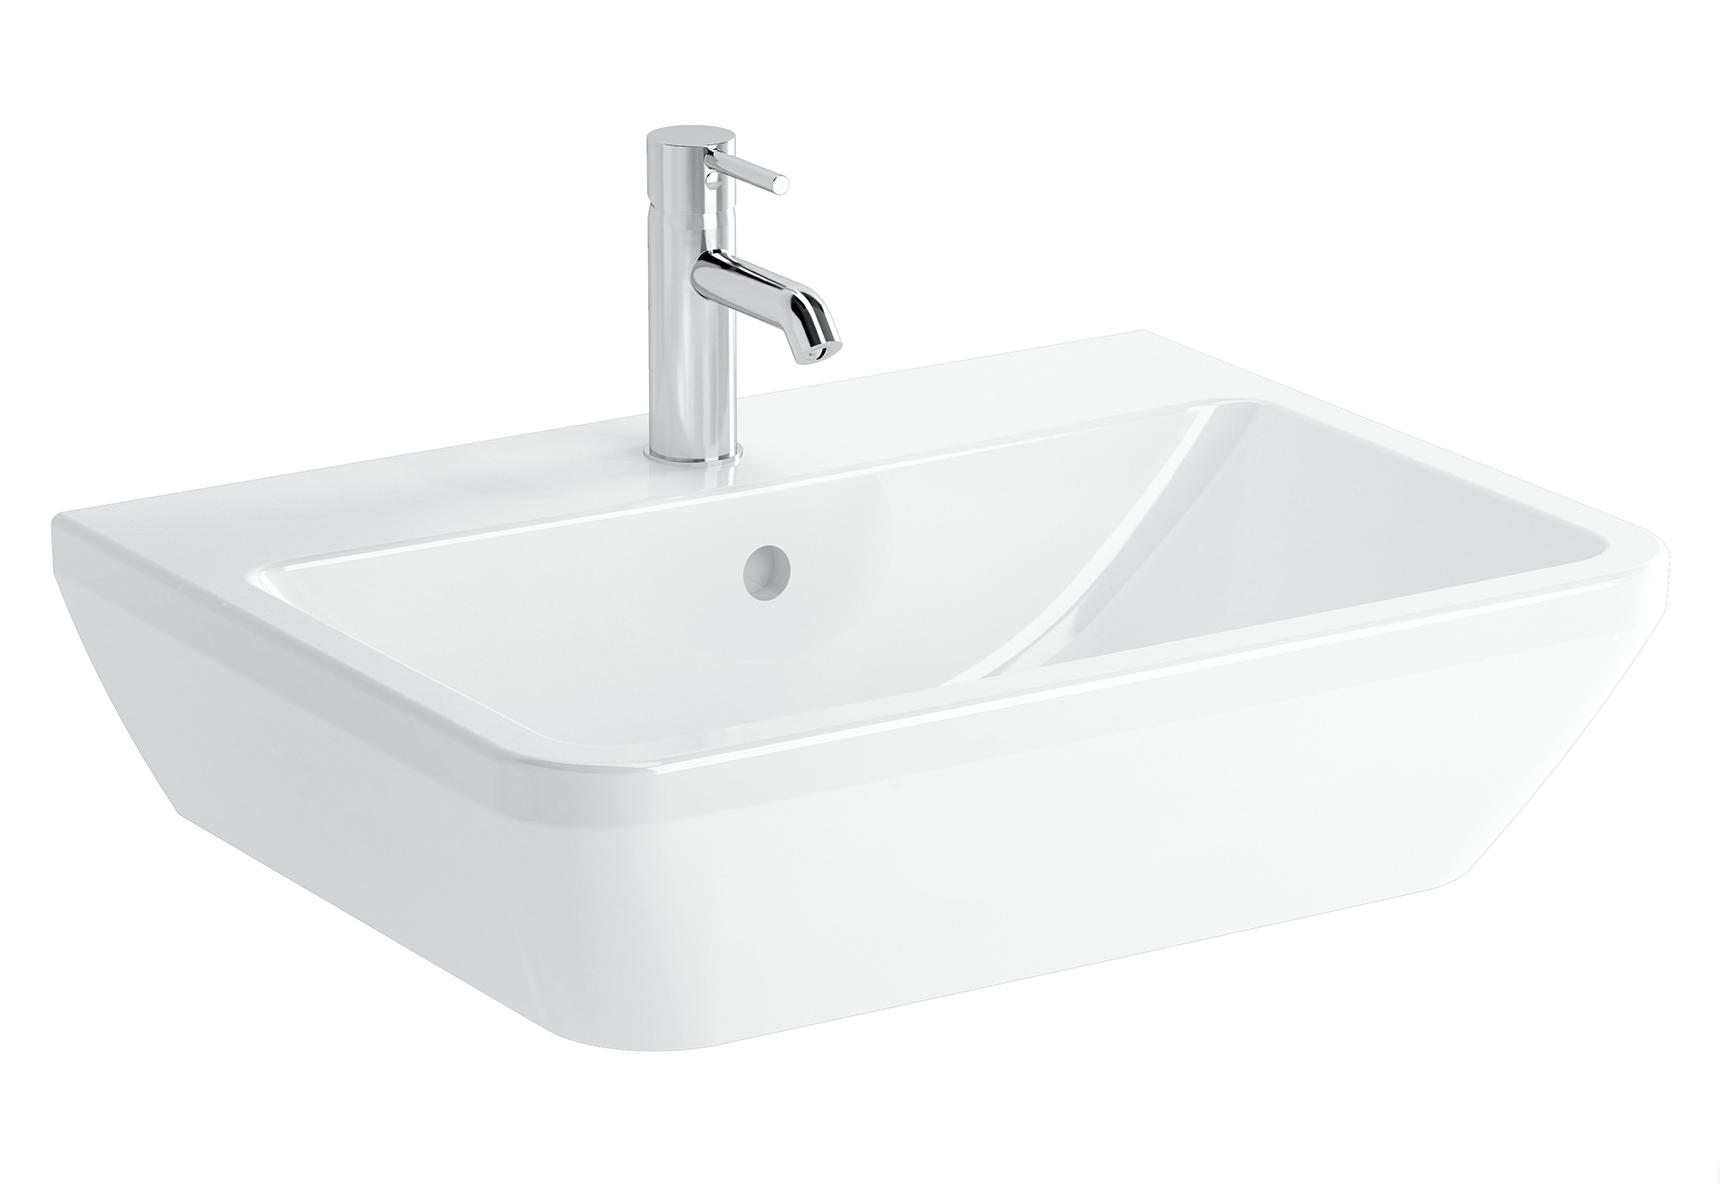 Integra lavabo carré, 65 cm, avec trou de robinet, sans trop-plein